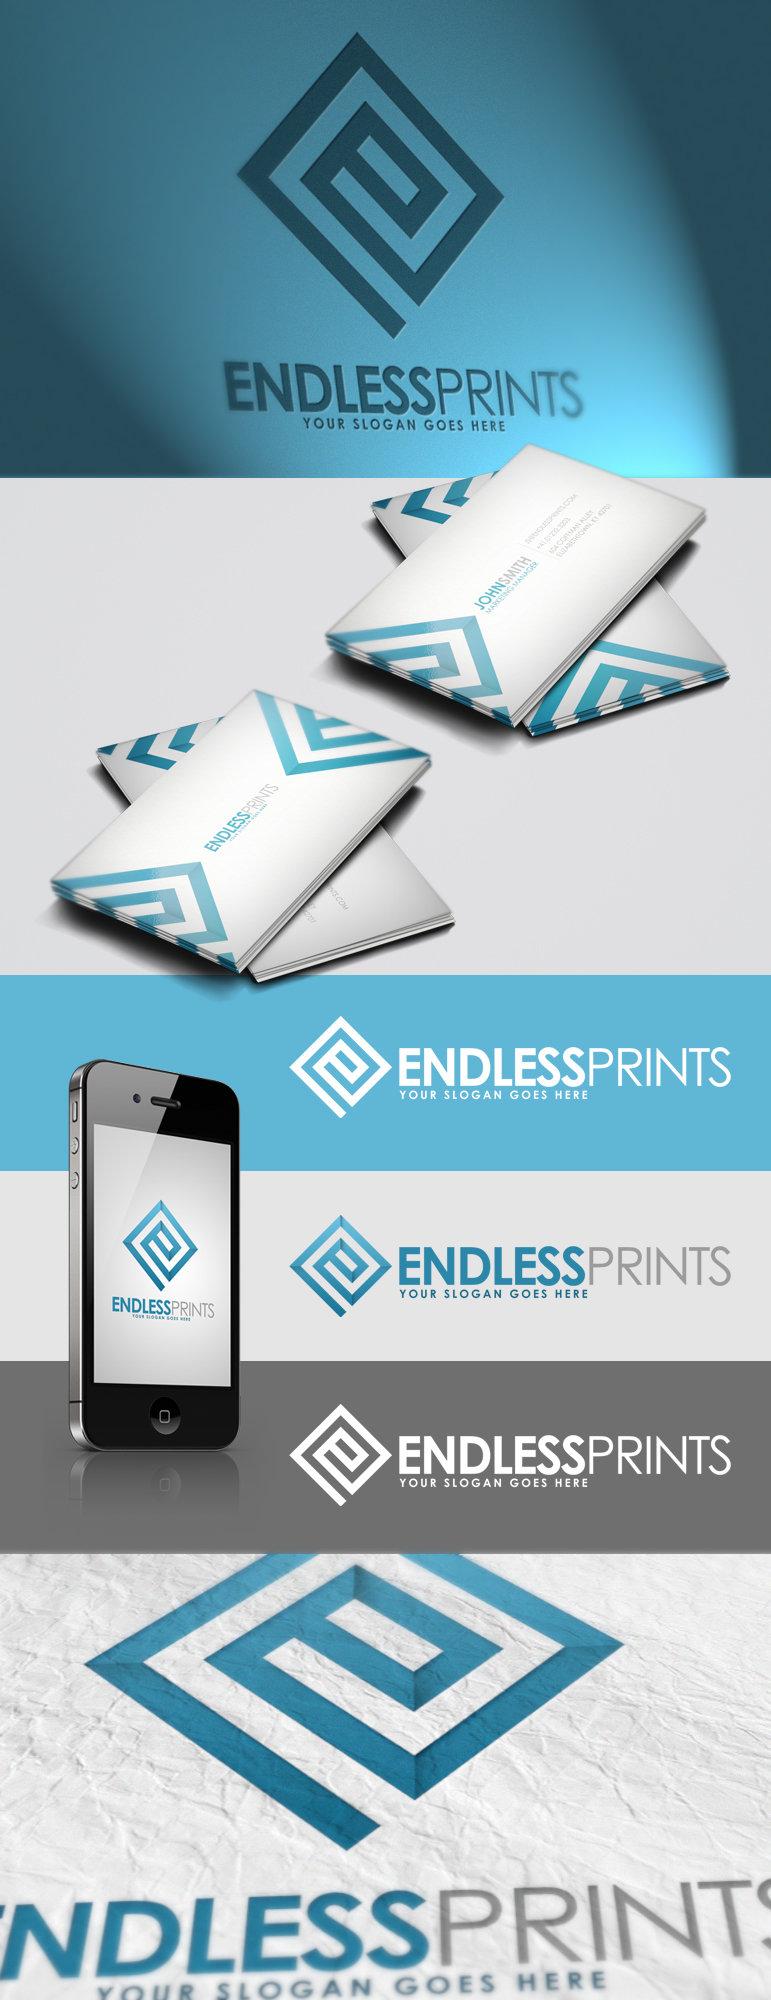 Endless Prints